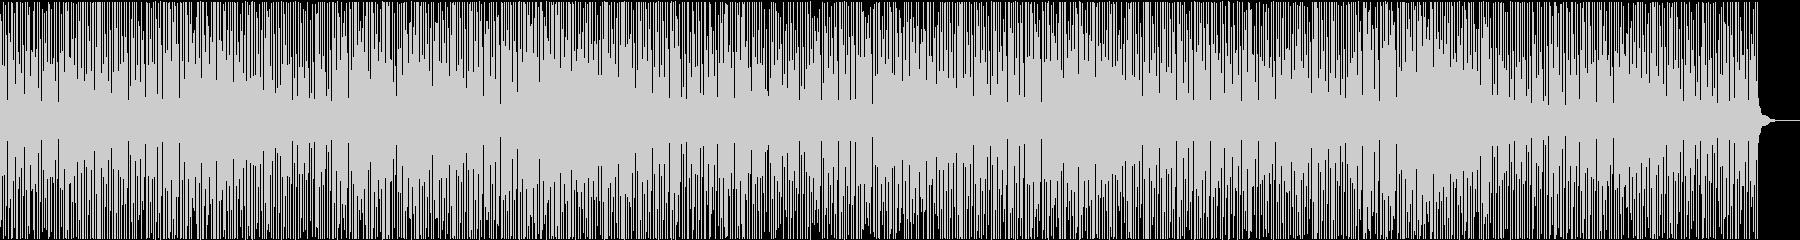 チュートリアル/デジタル/先進的/ITの未再生の波形